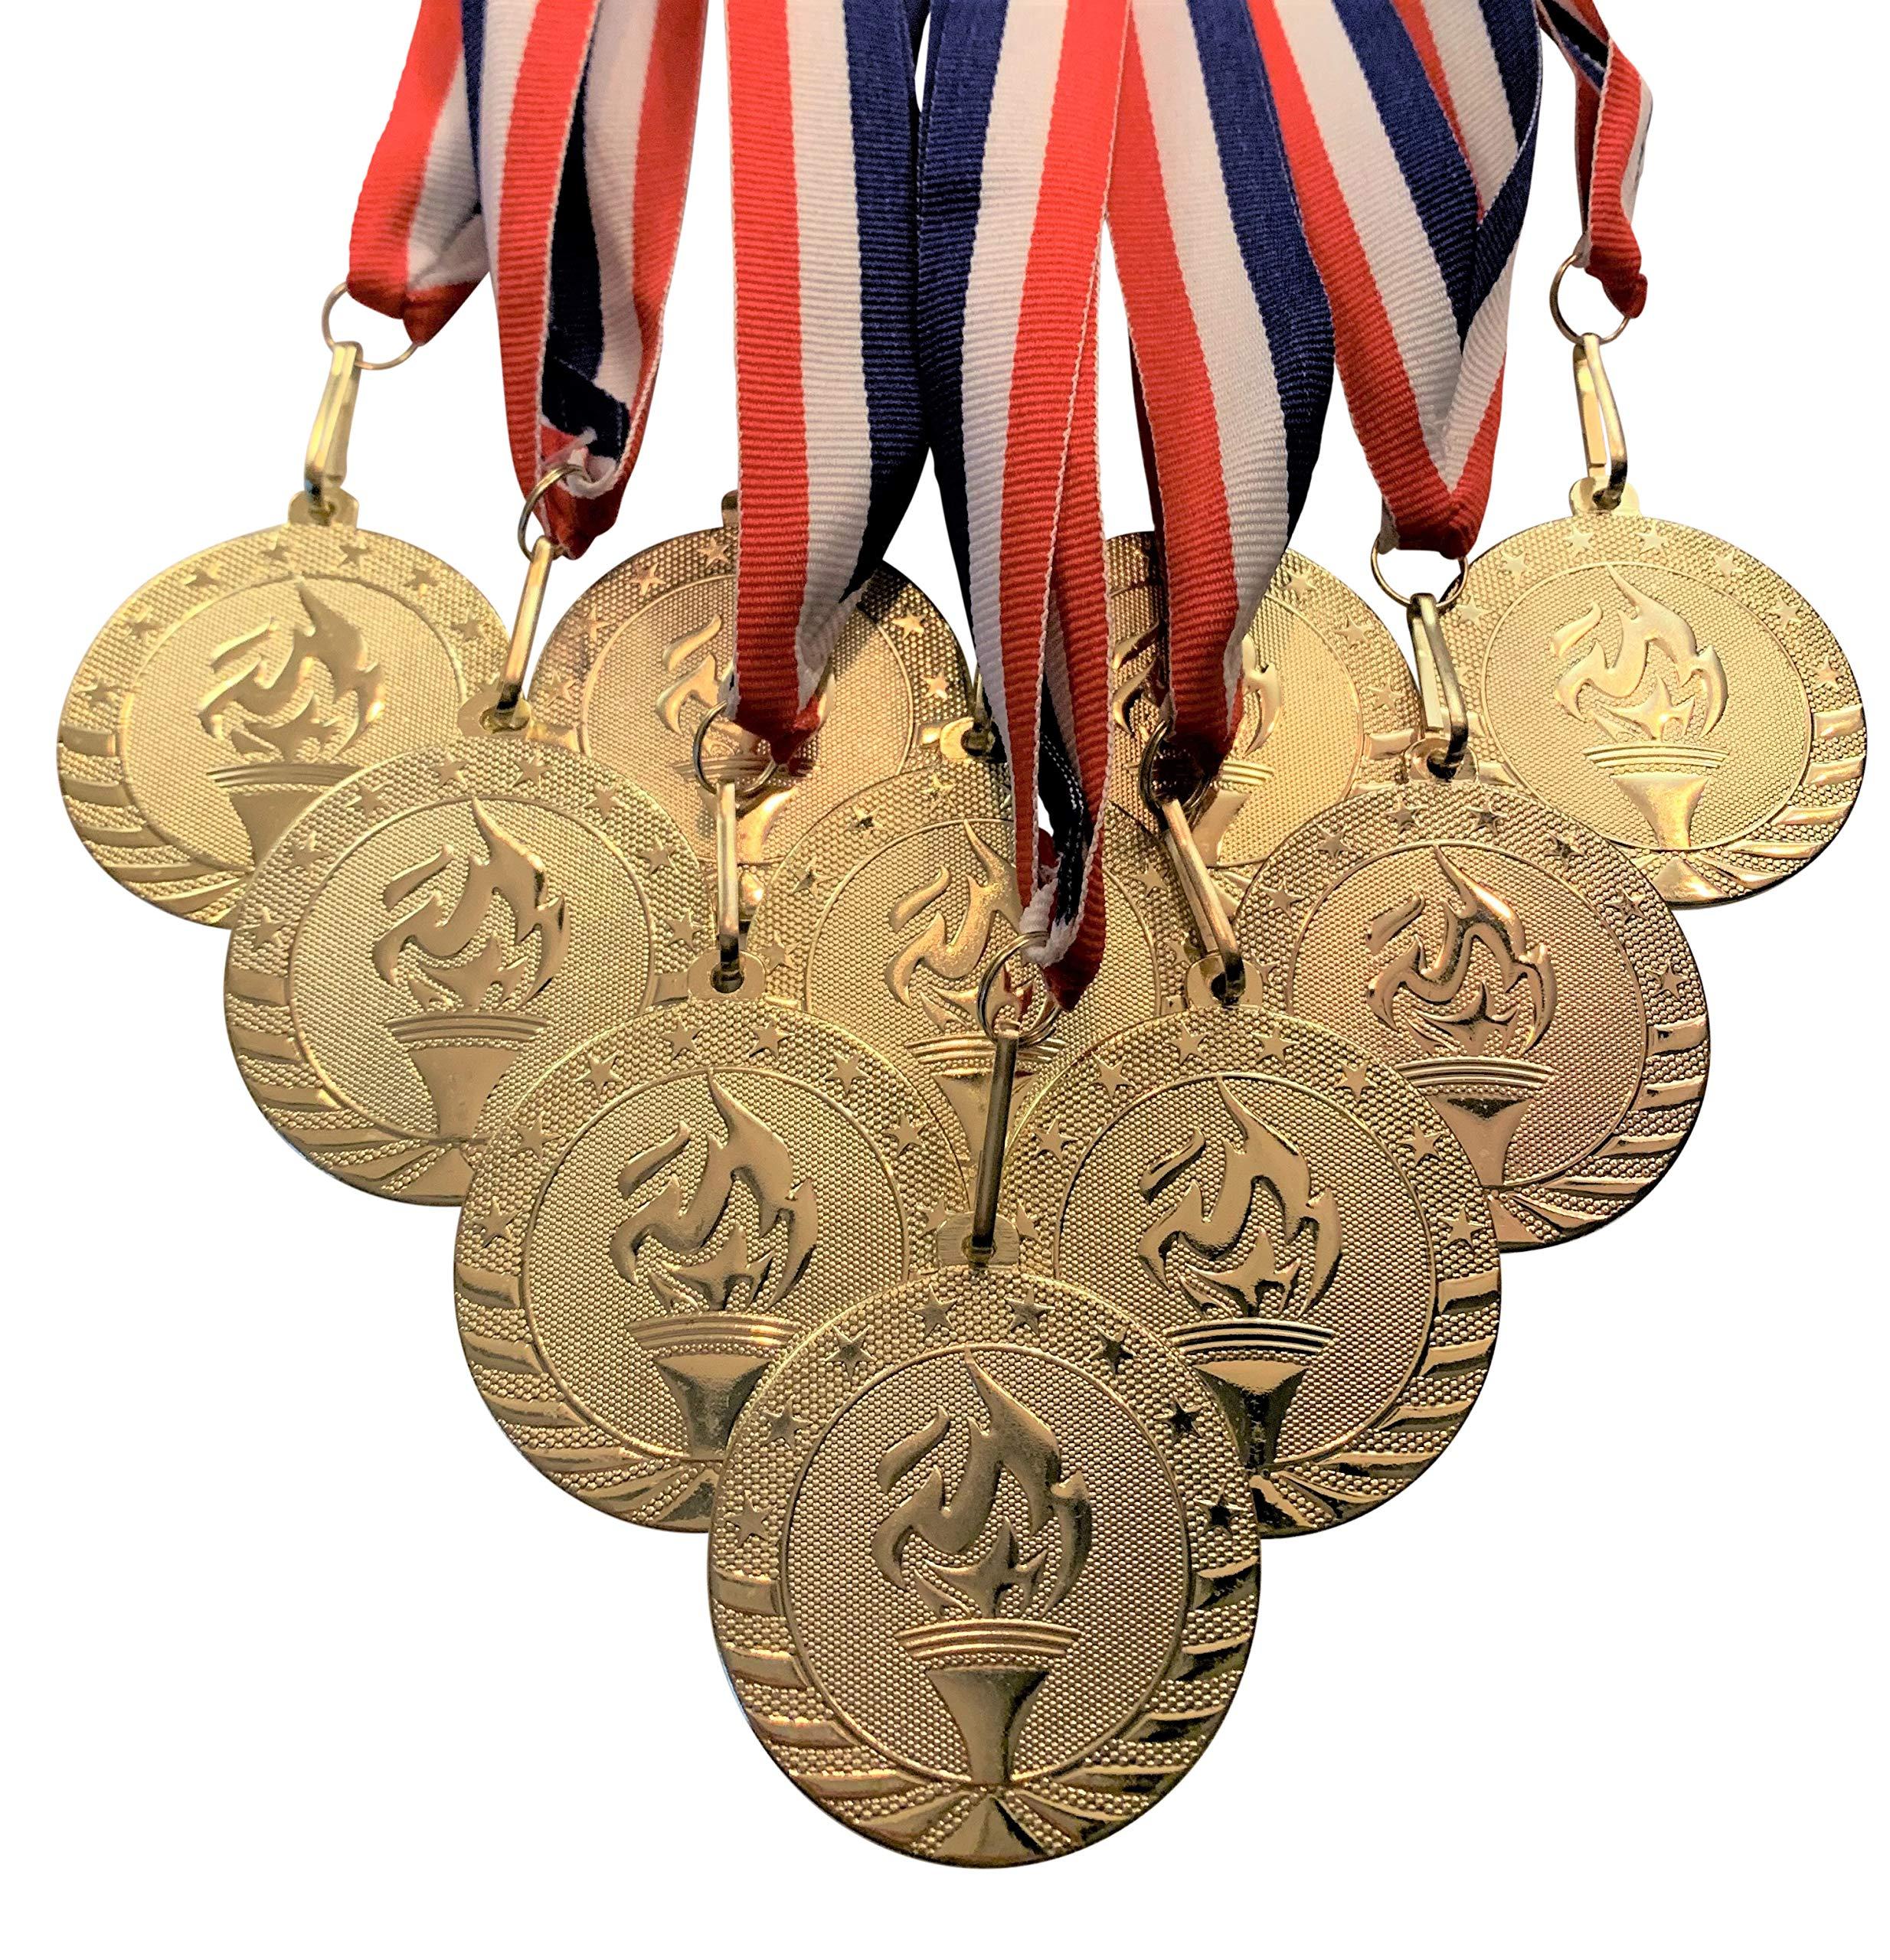 Express Medals Trofeo 1er Lugar medallas con Listones. Paquete de 10 Grandes 5.08 cm de Oro.: Amazon.es: Deportes y aire libre